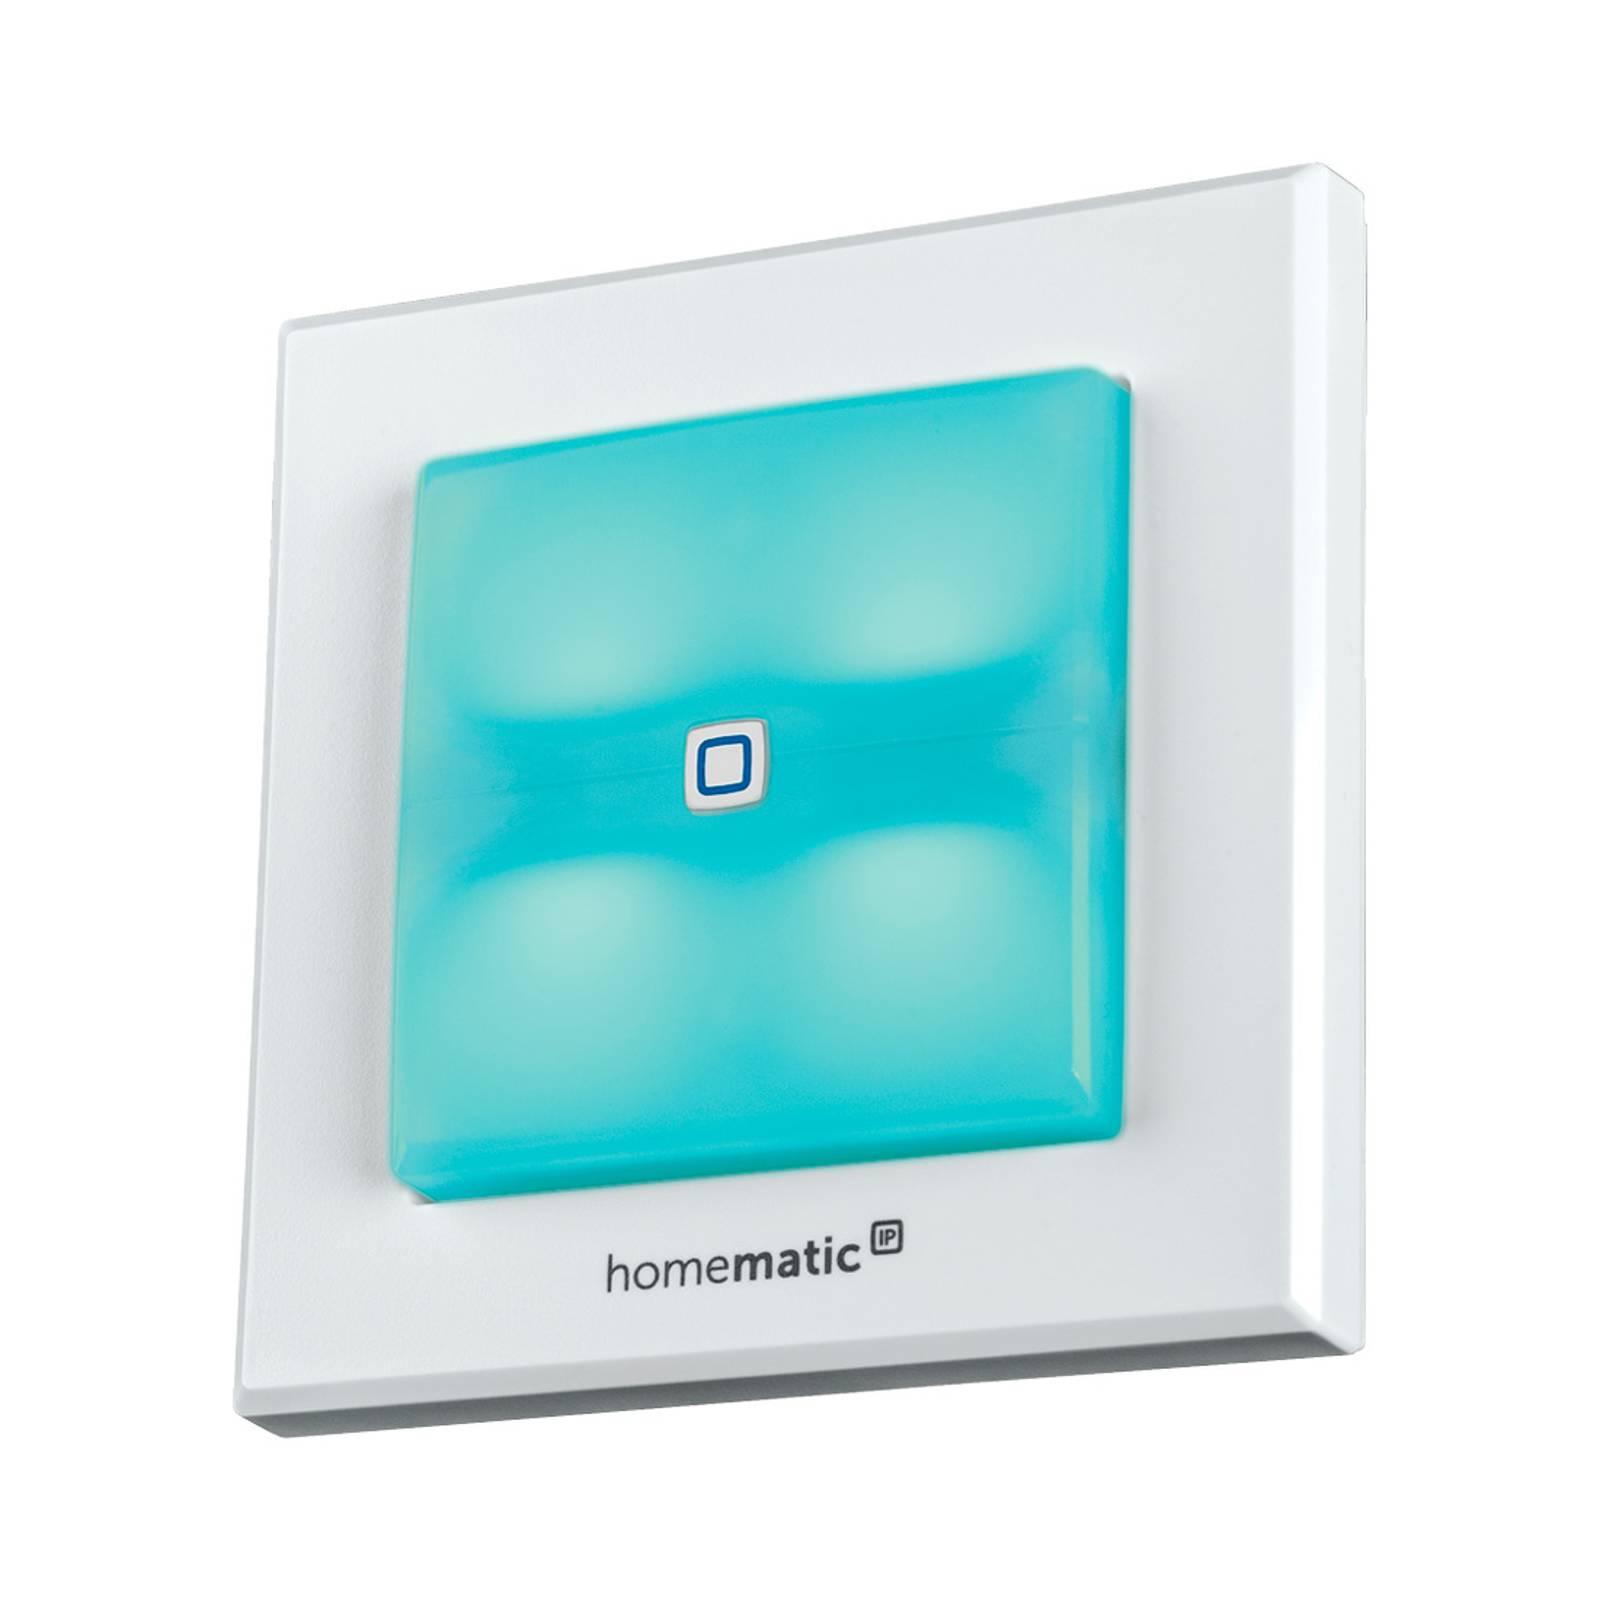 Homematic IP attuatore commutazione con luce